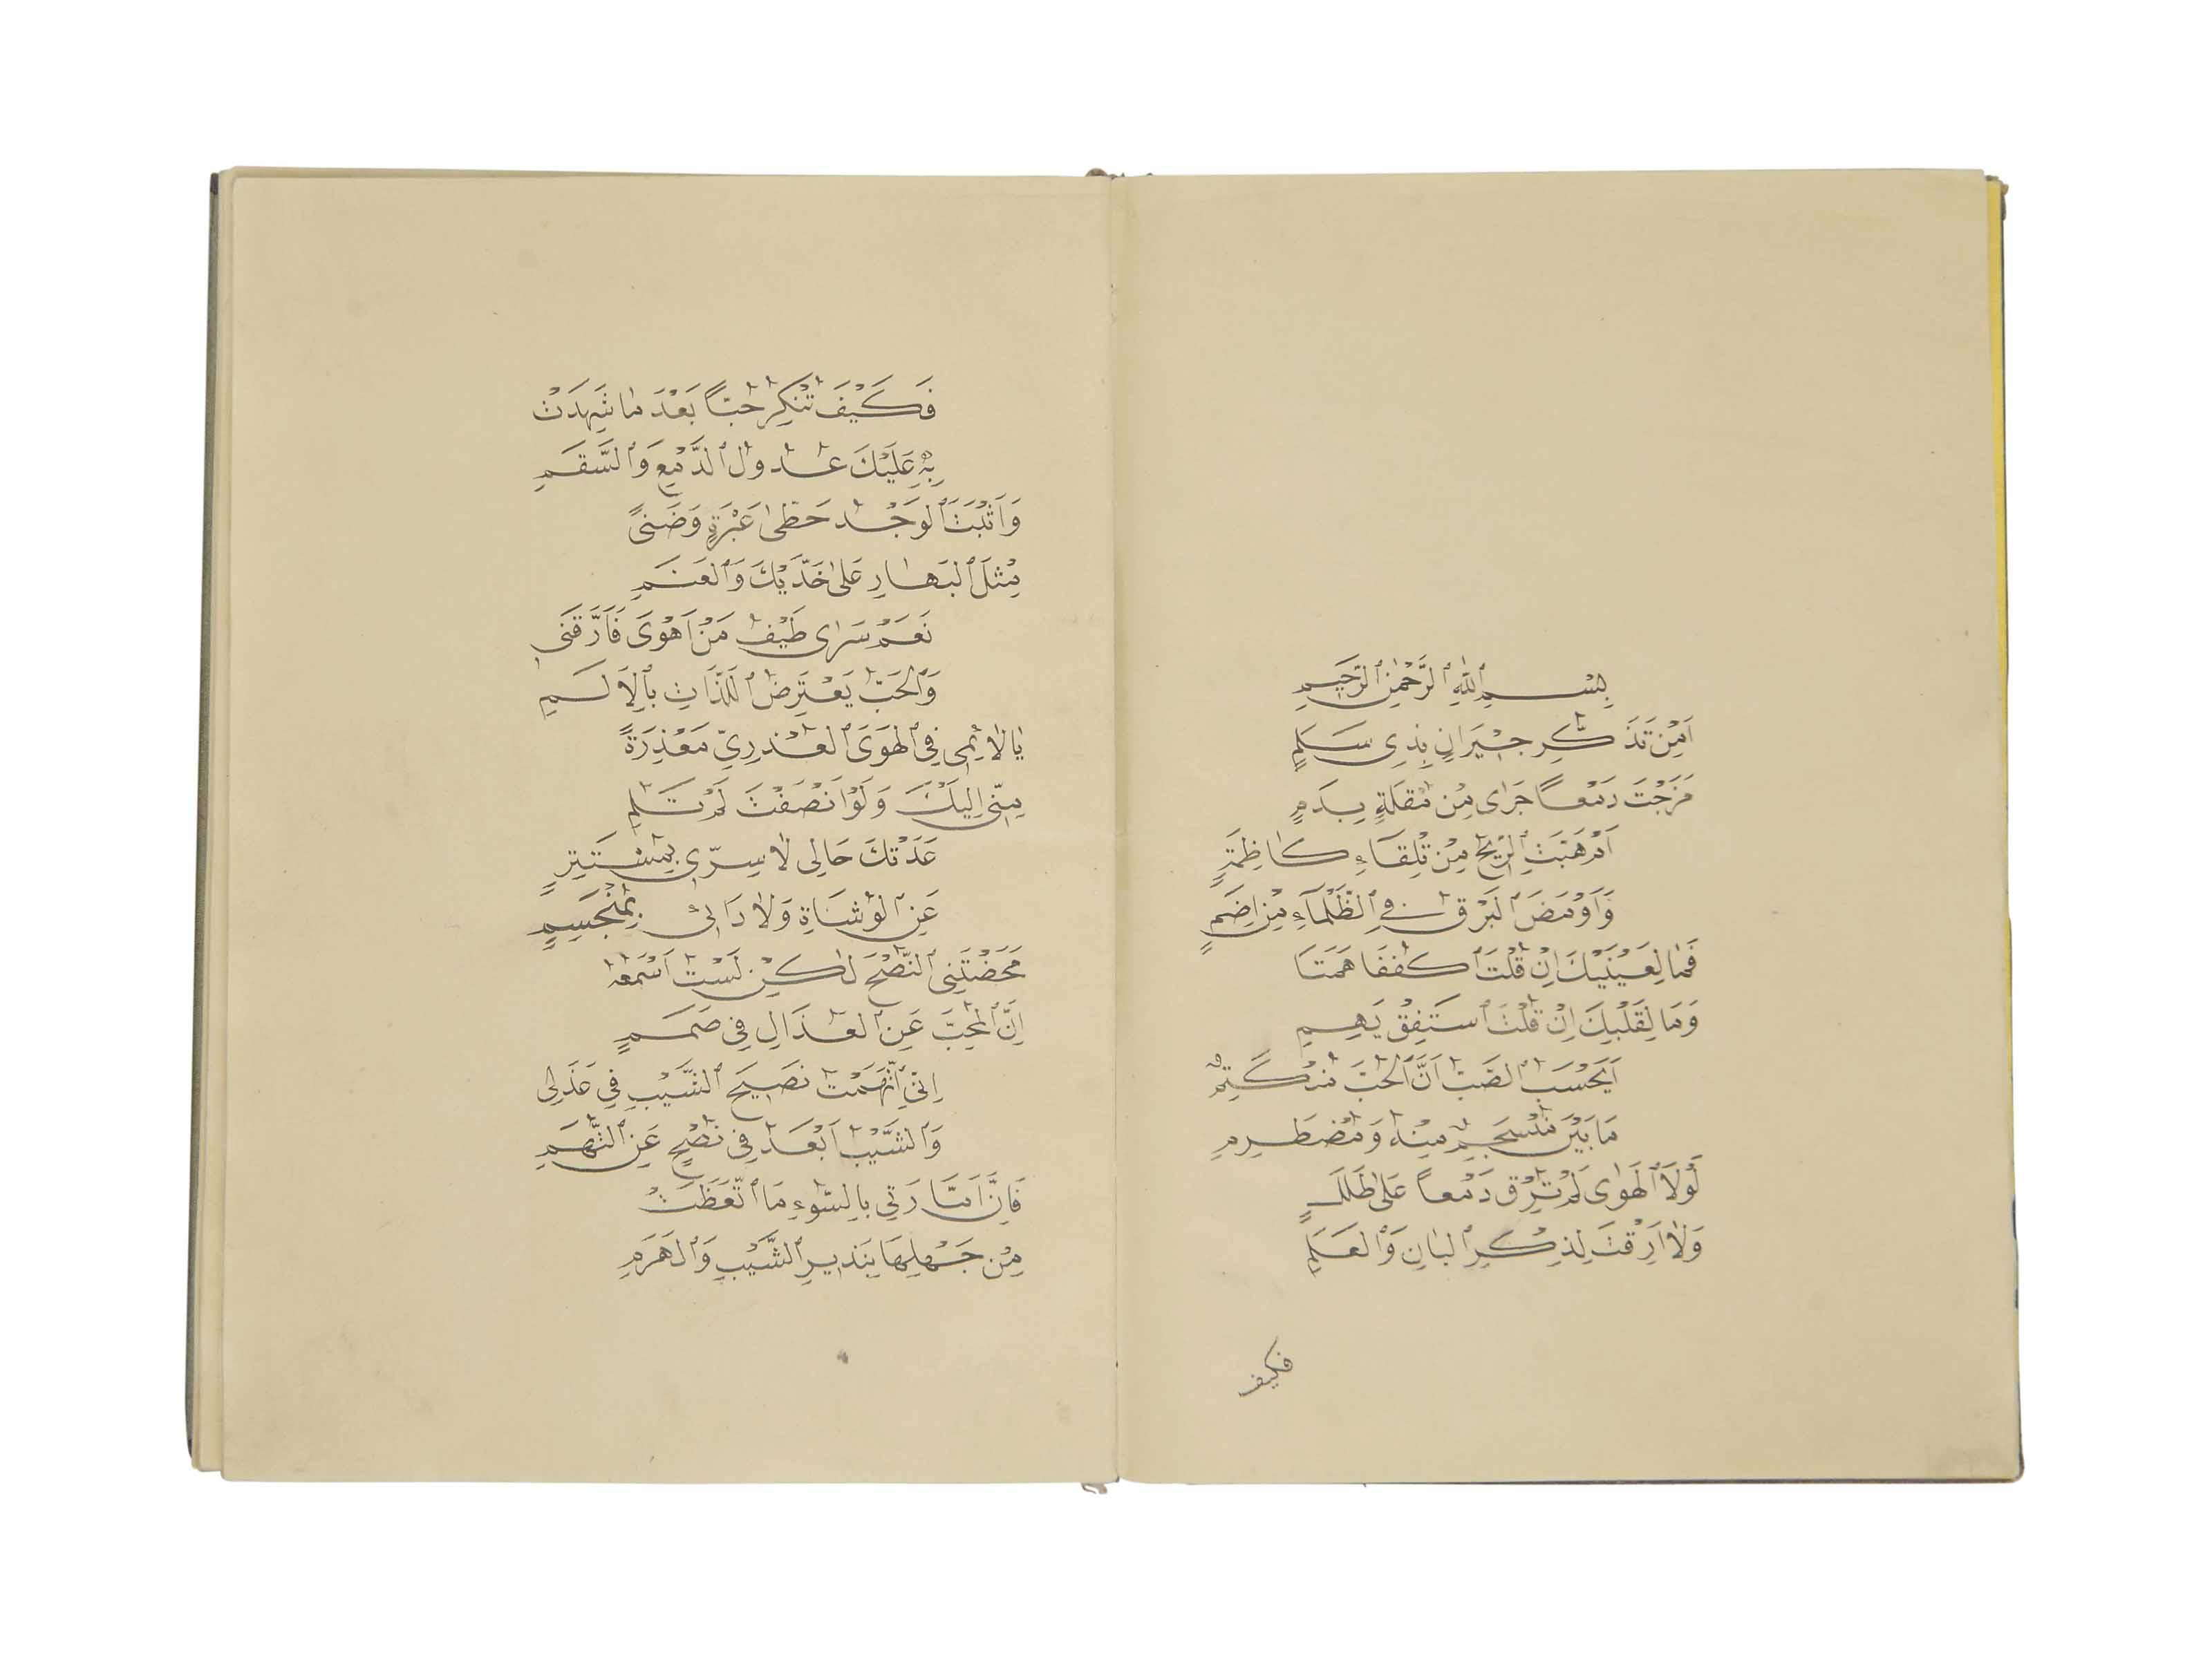 ABU 'ABDULLAH MUHAMMAD BIN AHMAD BIN MUHAMMAD IBN MARZUQ (D. 1380 AD): QASIDA AL-BURDA (POEM OF THE MANTLE) AND ITS COMMENTARY